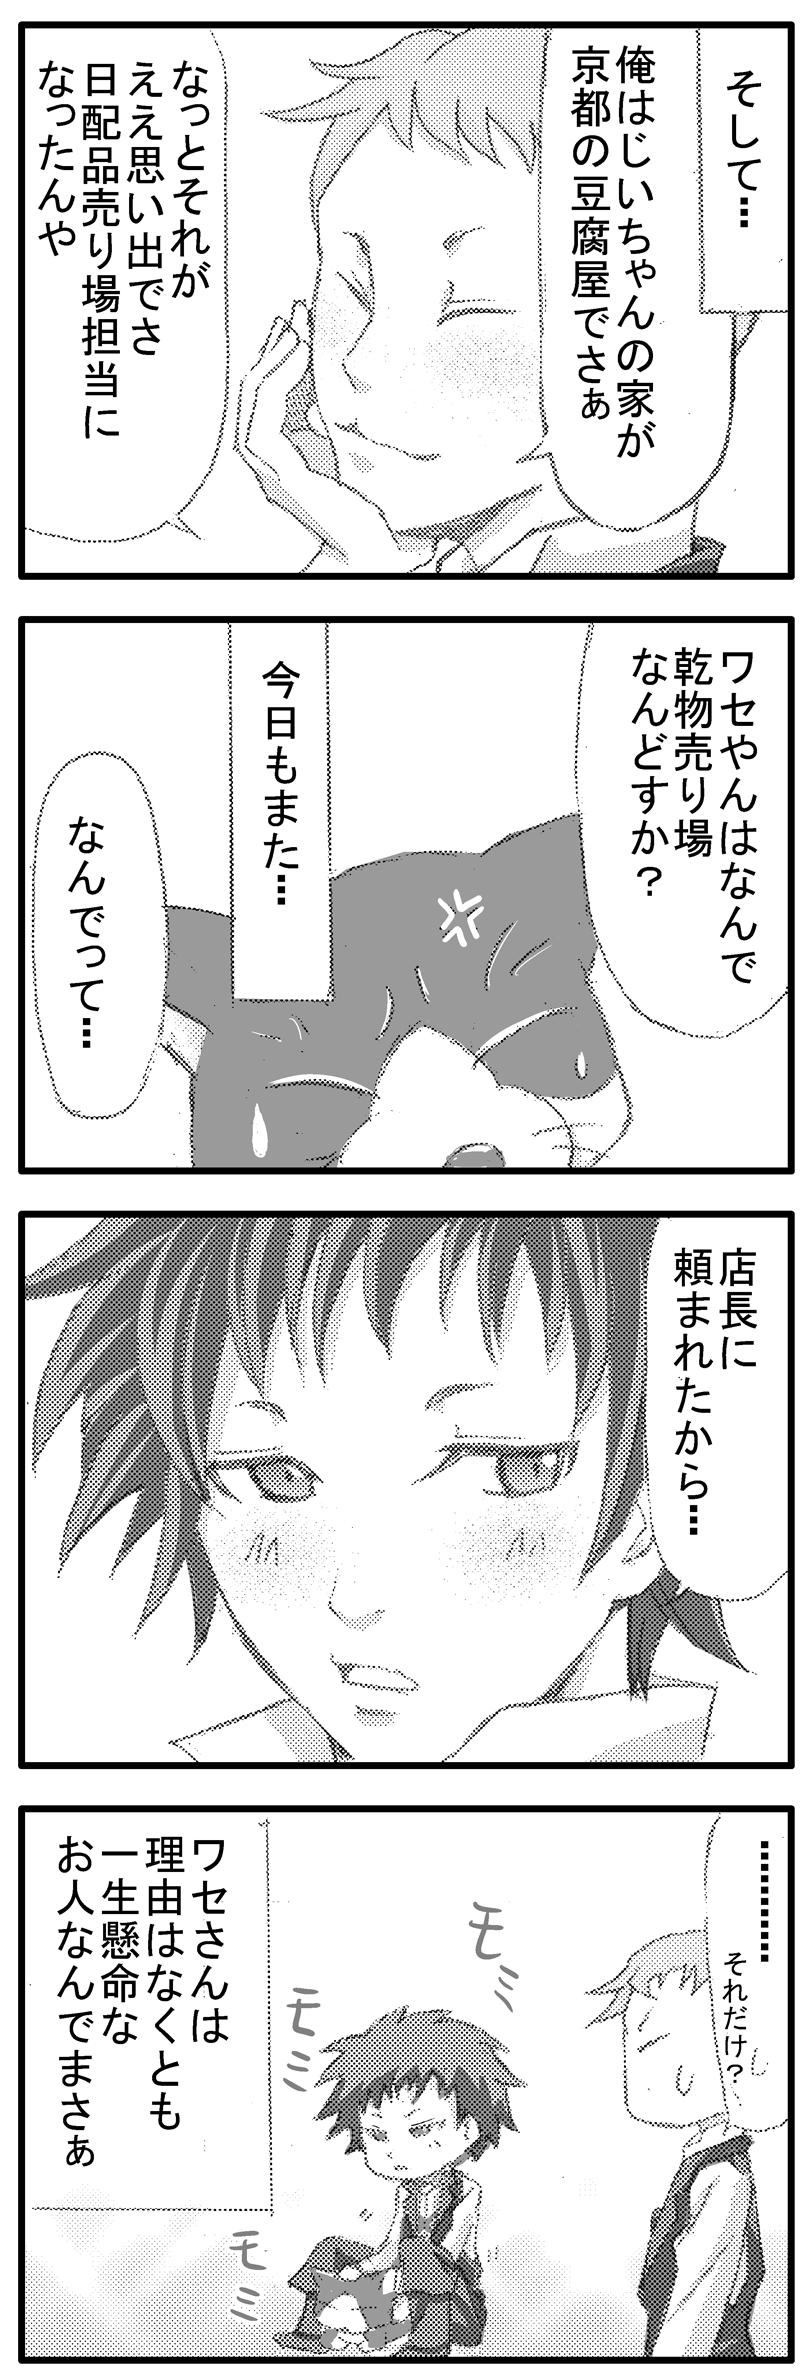 イケメンスーパー12話-2-2